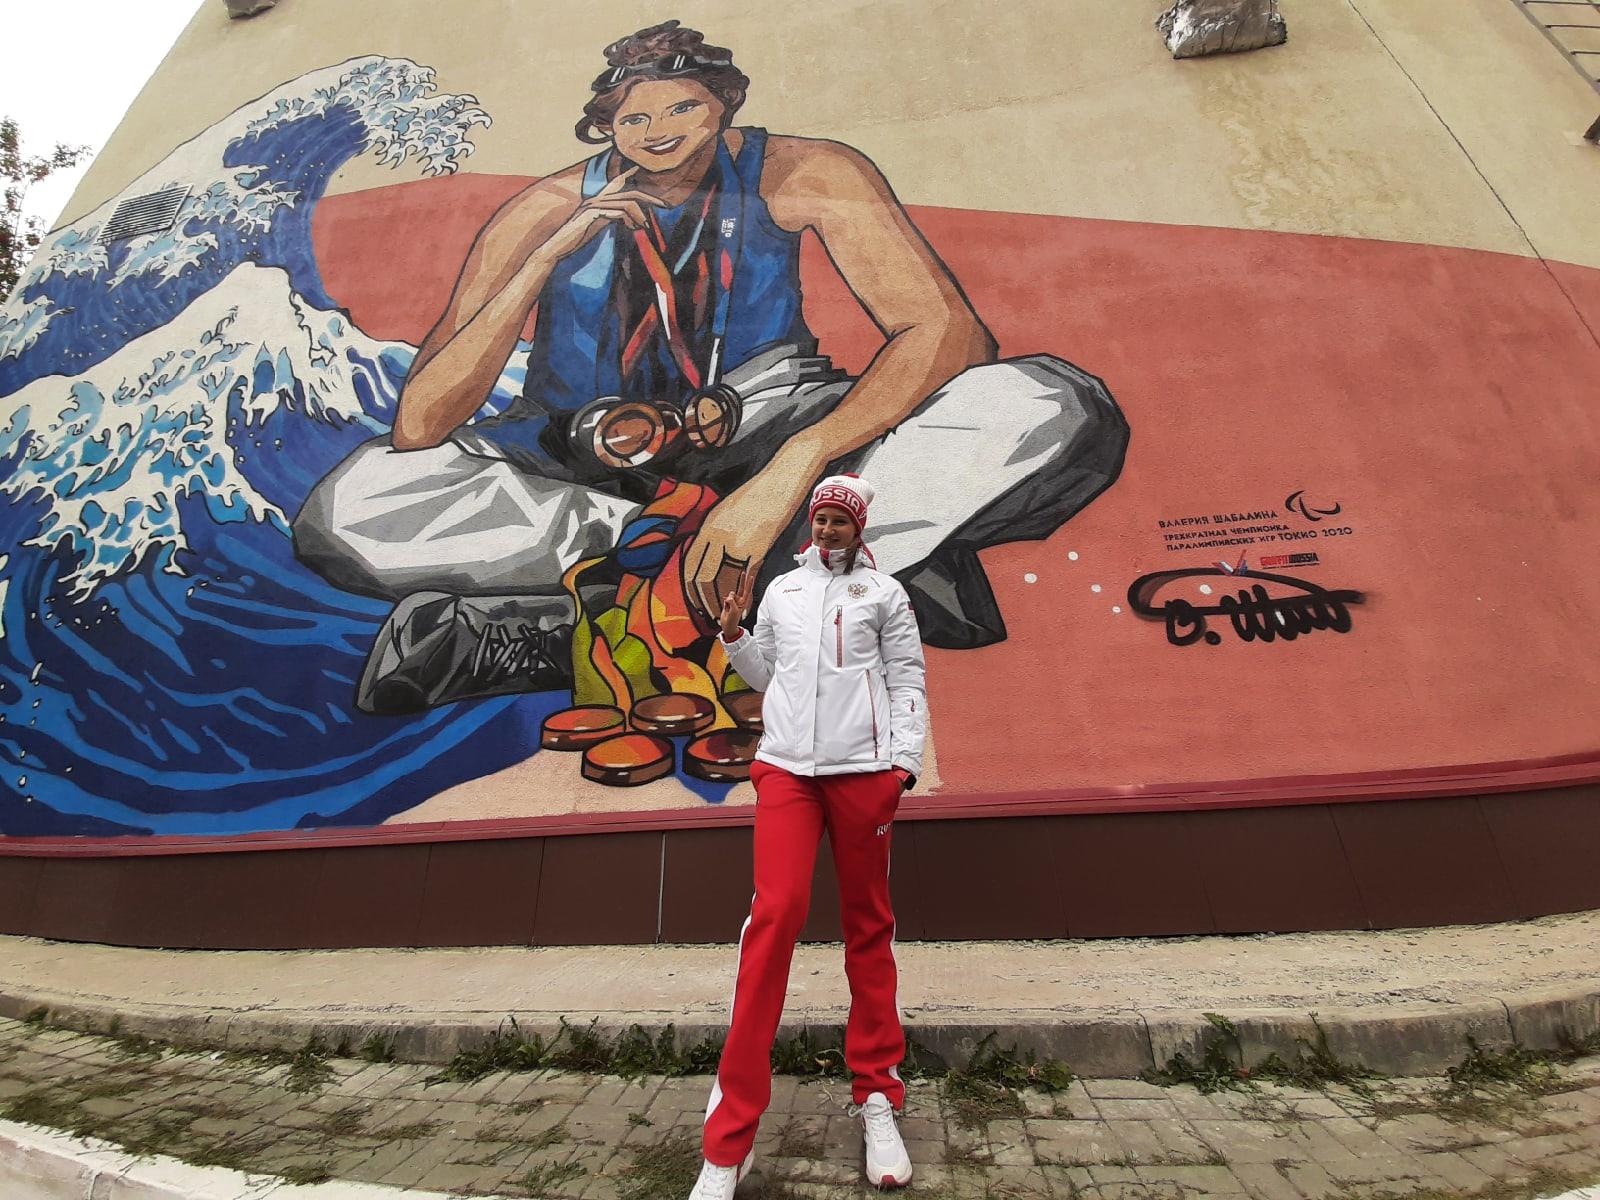 Портрет чемпионки Паралимпийский игр Валерии Шабалиной украсил стену вуза